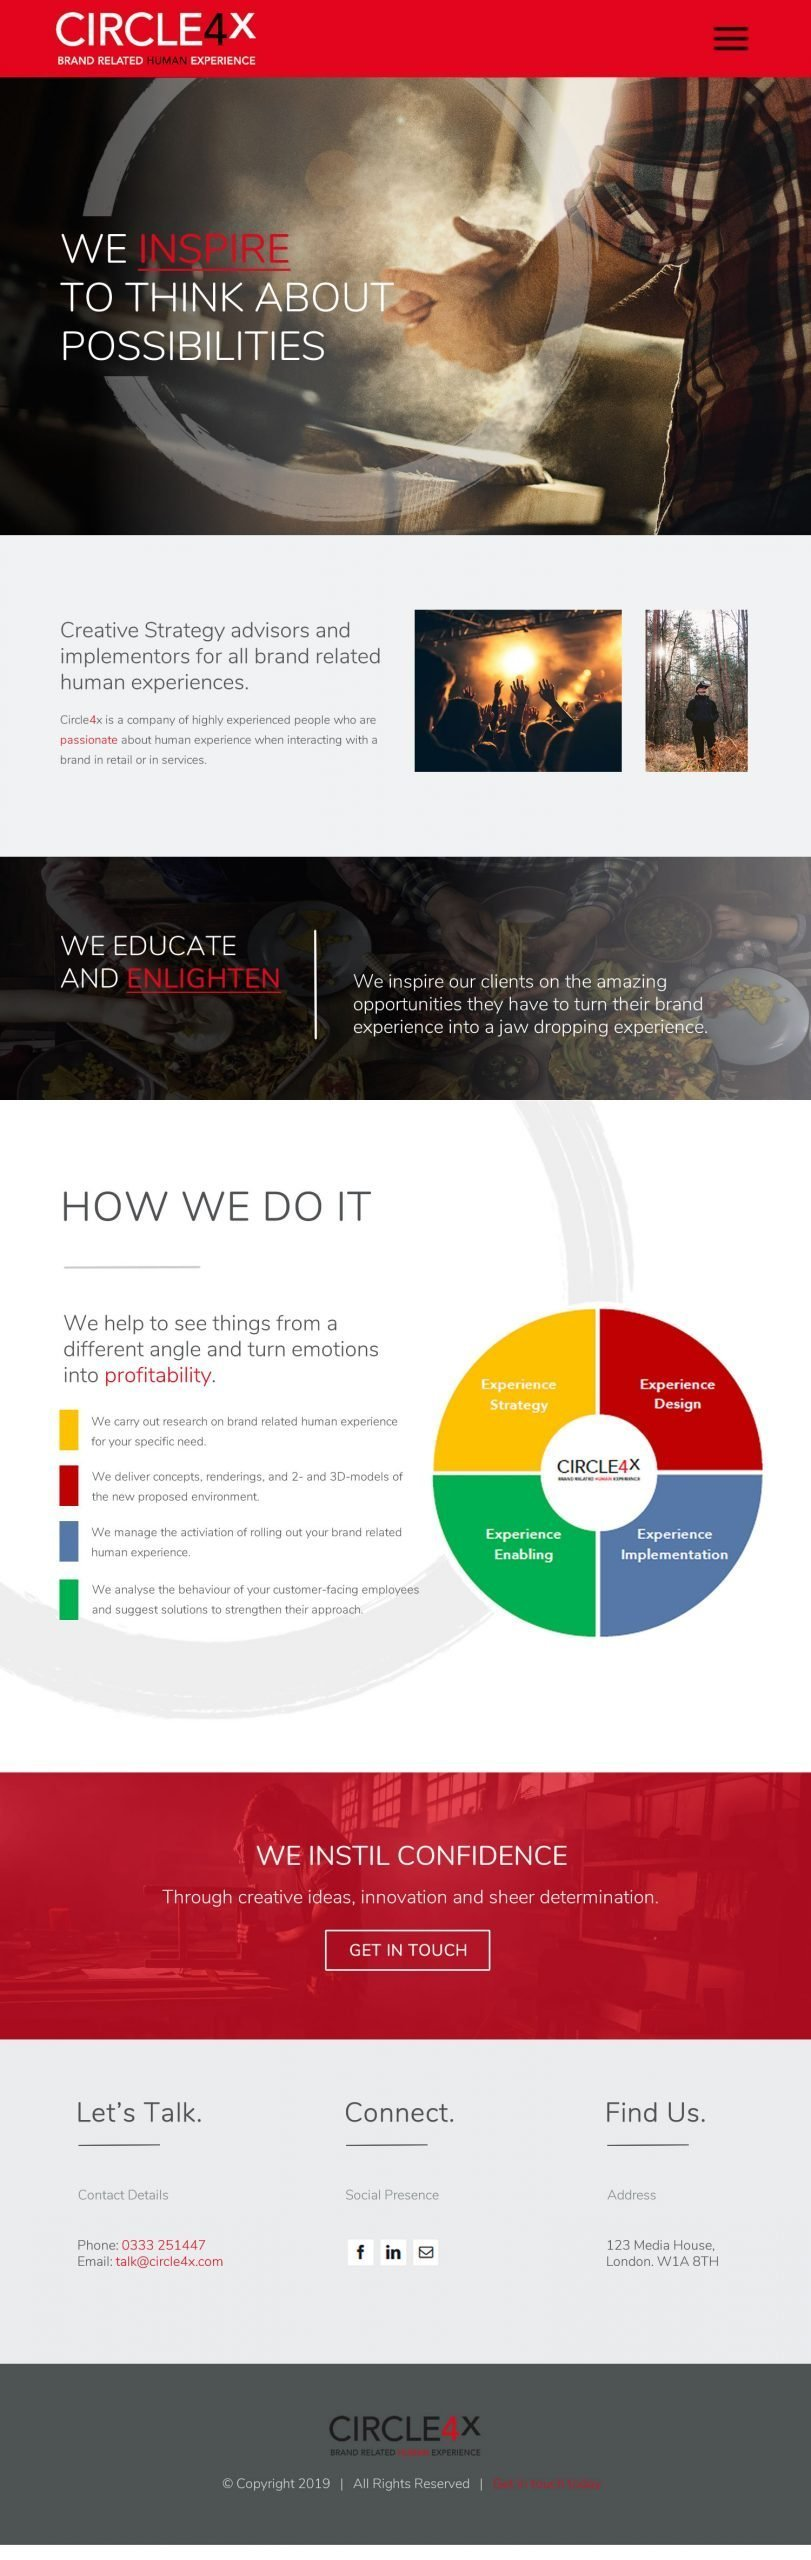 Circle4x design v1 web